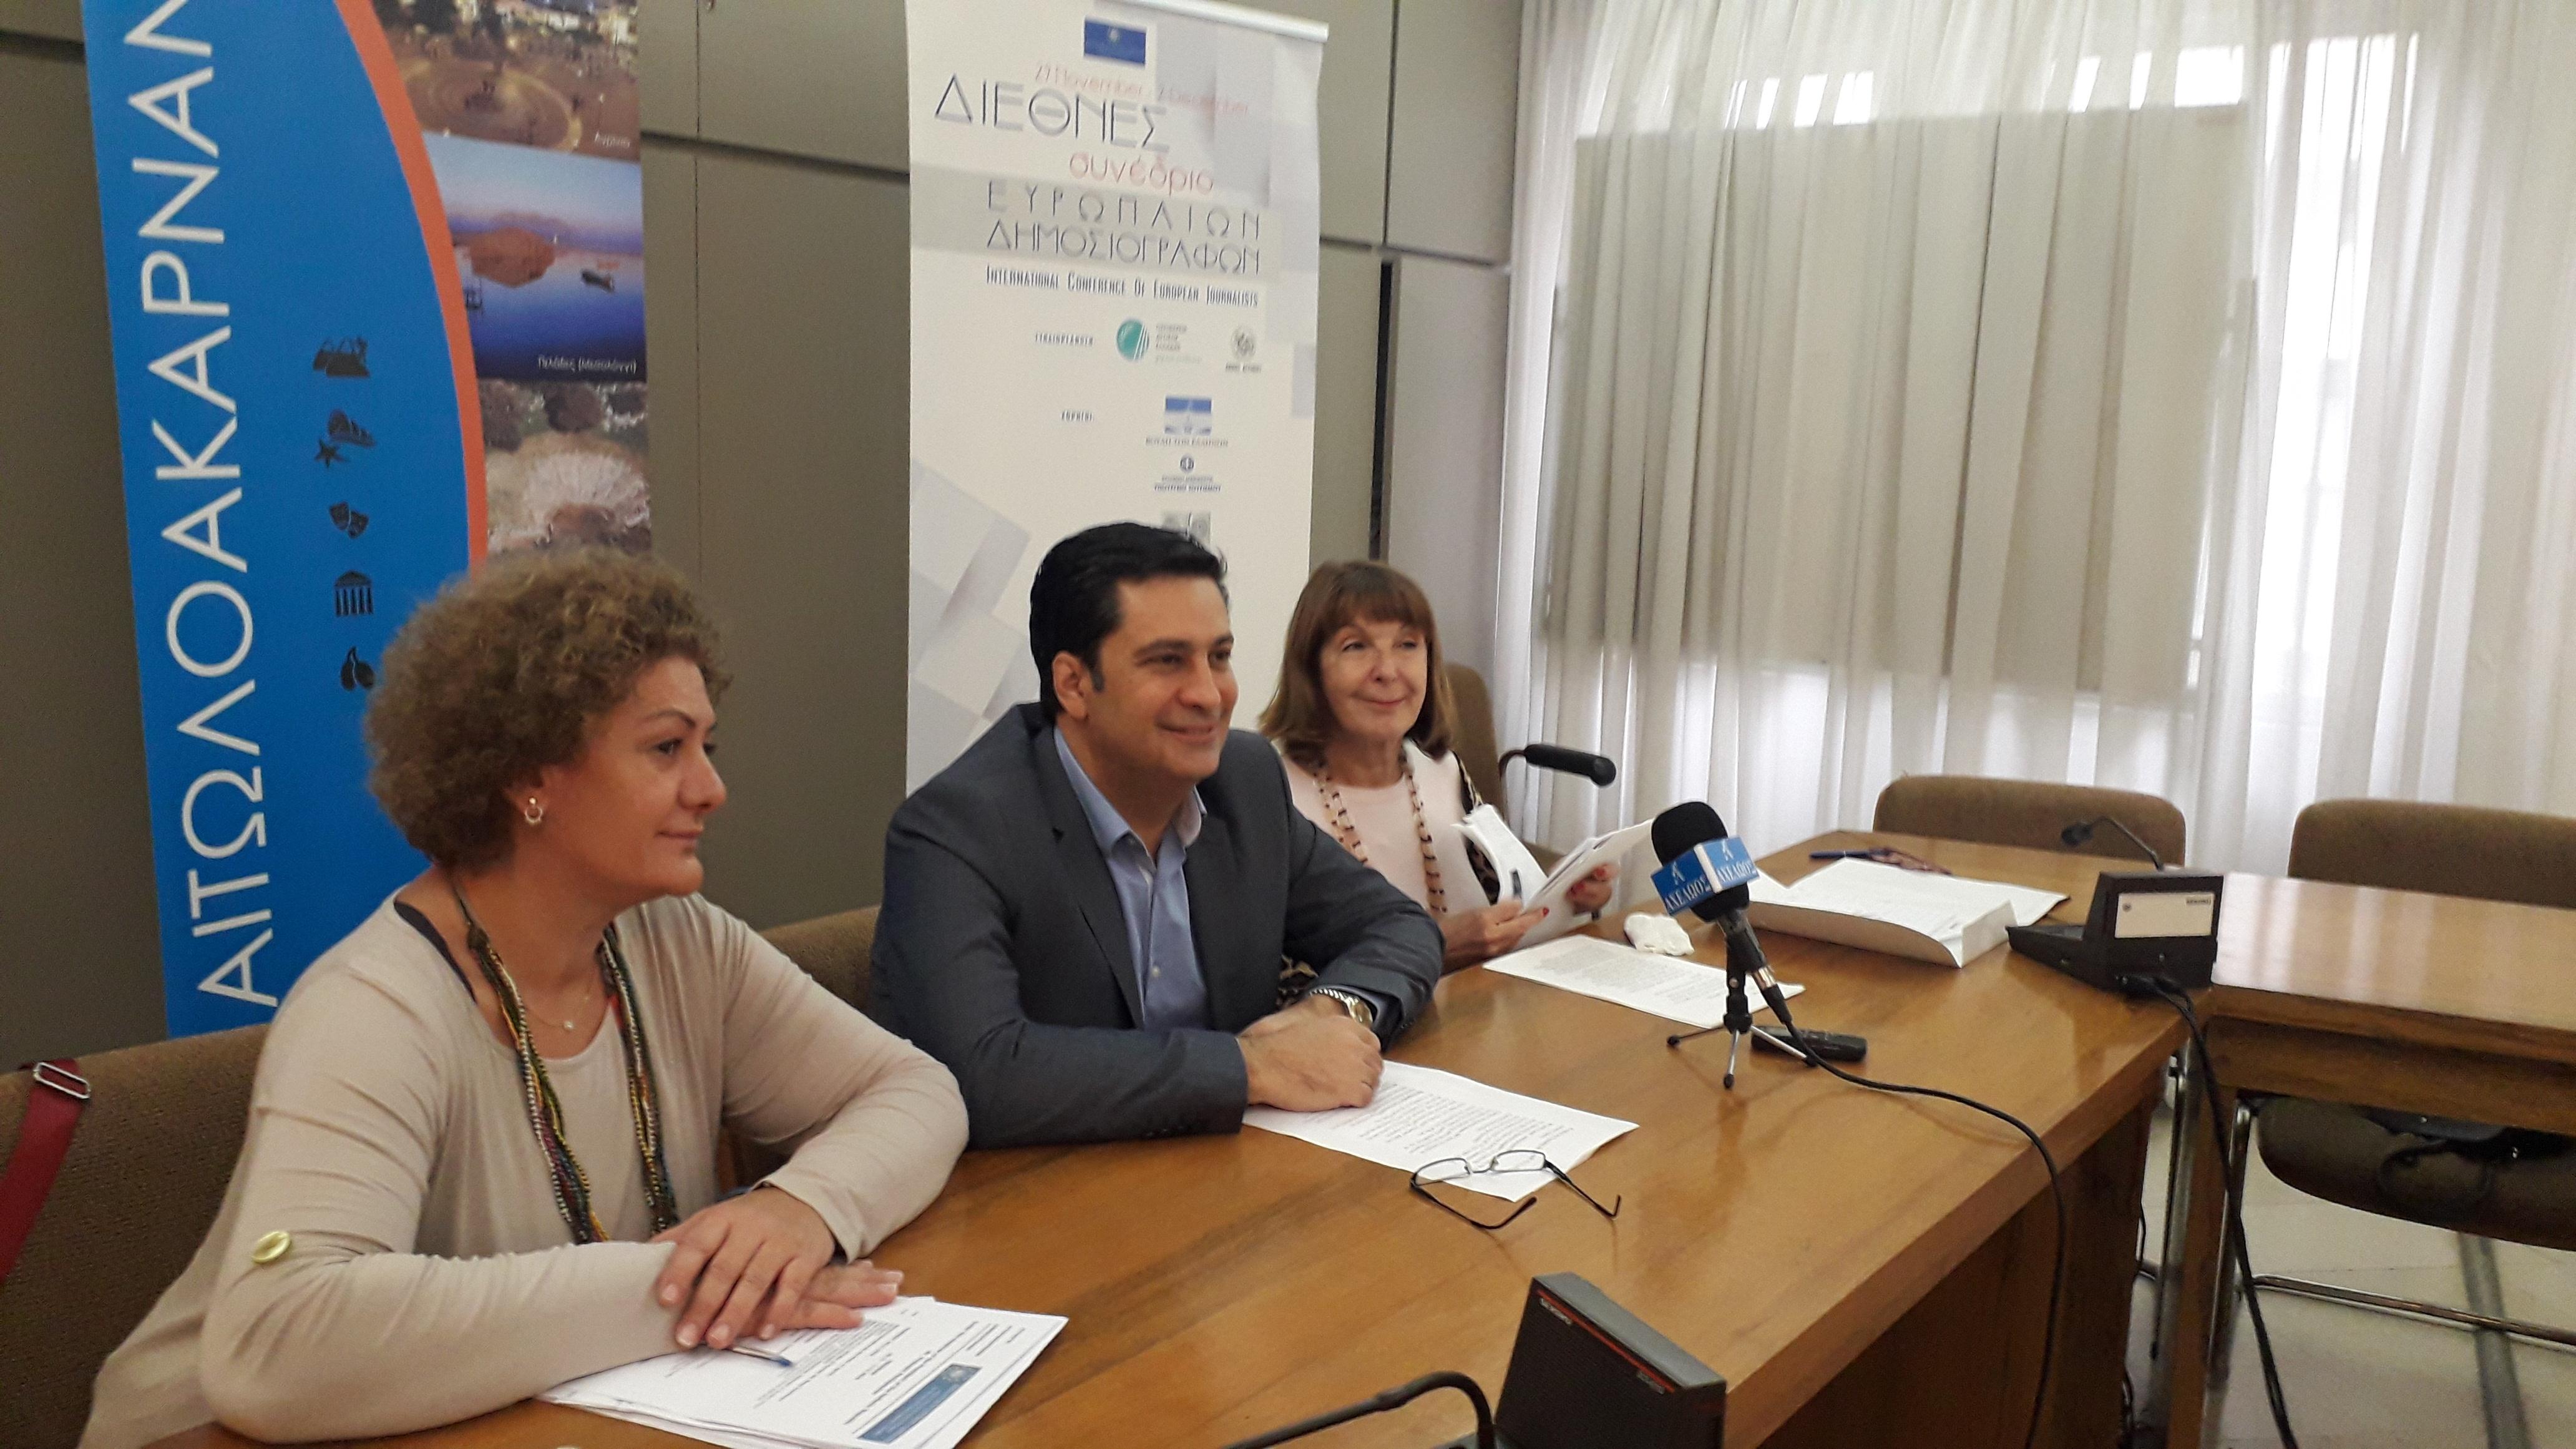 """""""Αφορμή για να γνωρίσει η Ευρώπη την Αιτωλοακαρνανία"""" το Συνέδριο Ευρωπαίων Δημοσιογράφων"""